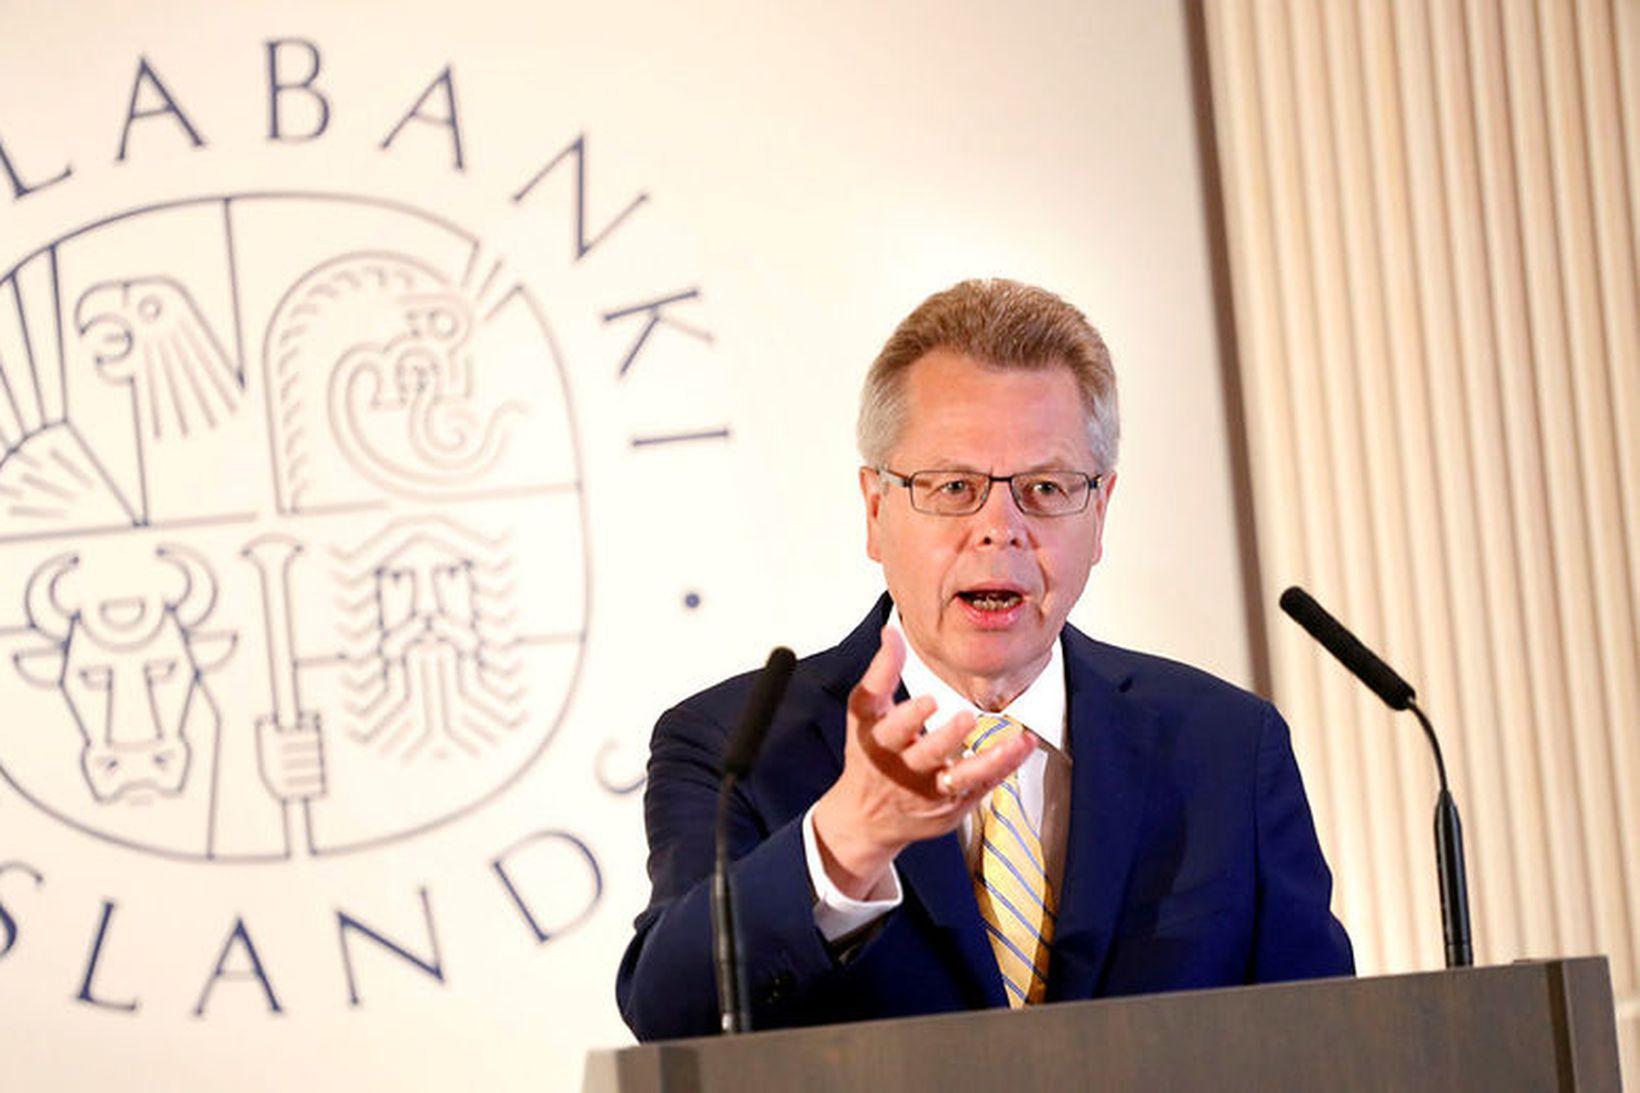 Már Guðmundsson, fráfarandi seðlabankastjóri.